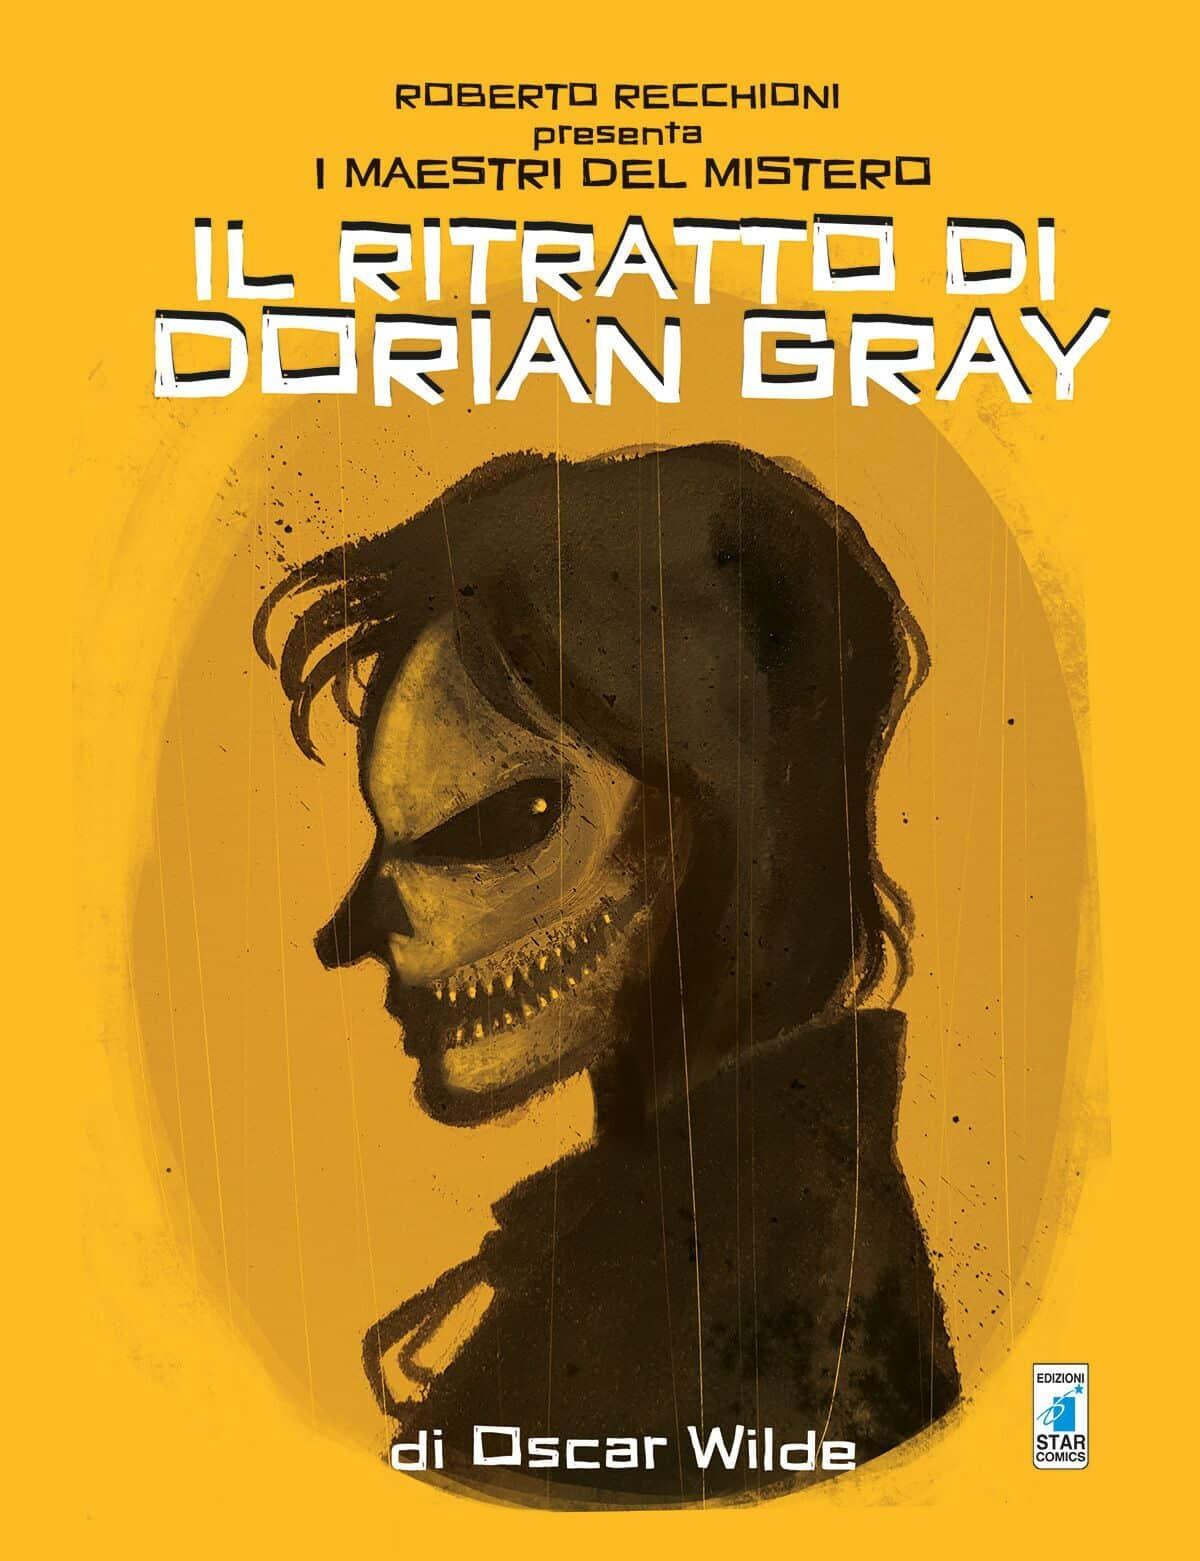 """Lucca Comics & Games: """"Roberto Recchioni presenta: I Maestri del Mistero""""_Notizie"""